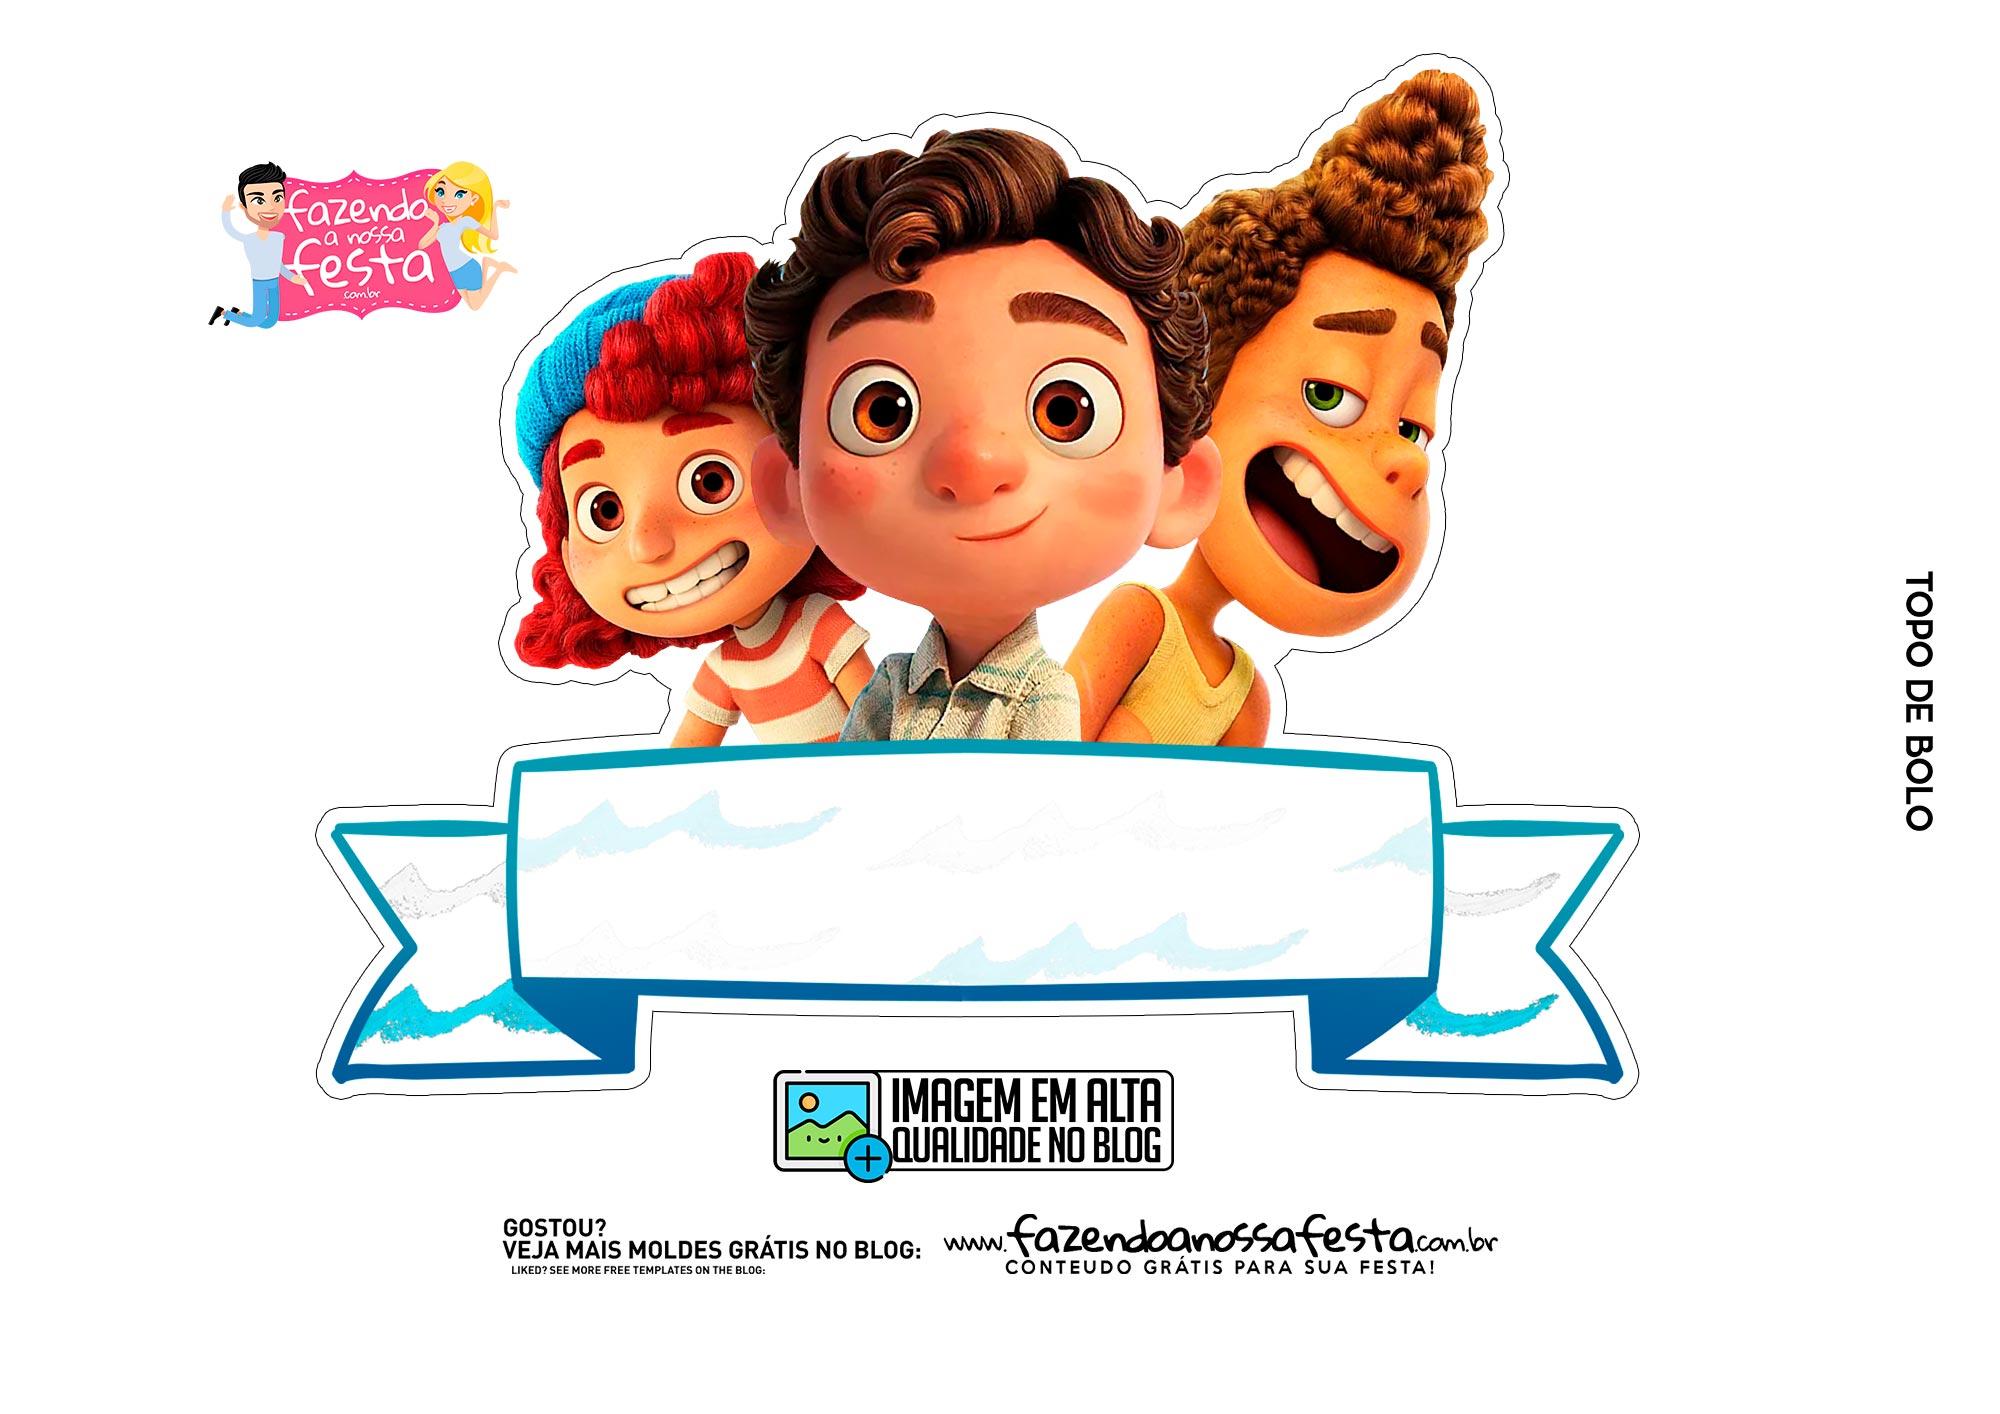 Topo de bolo Luca Disney 2